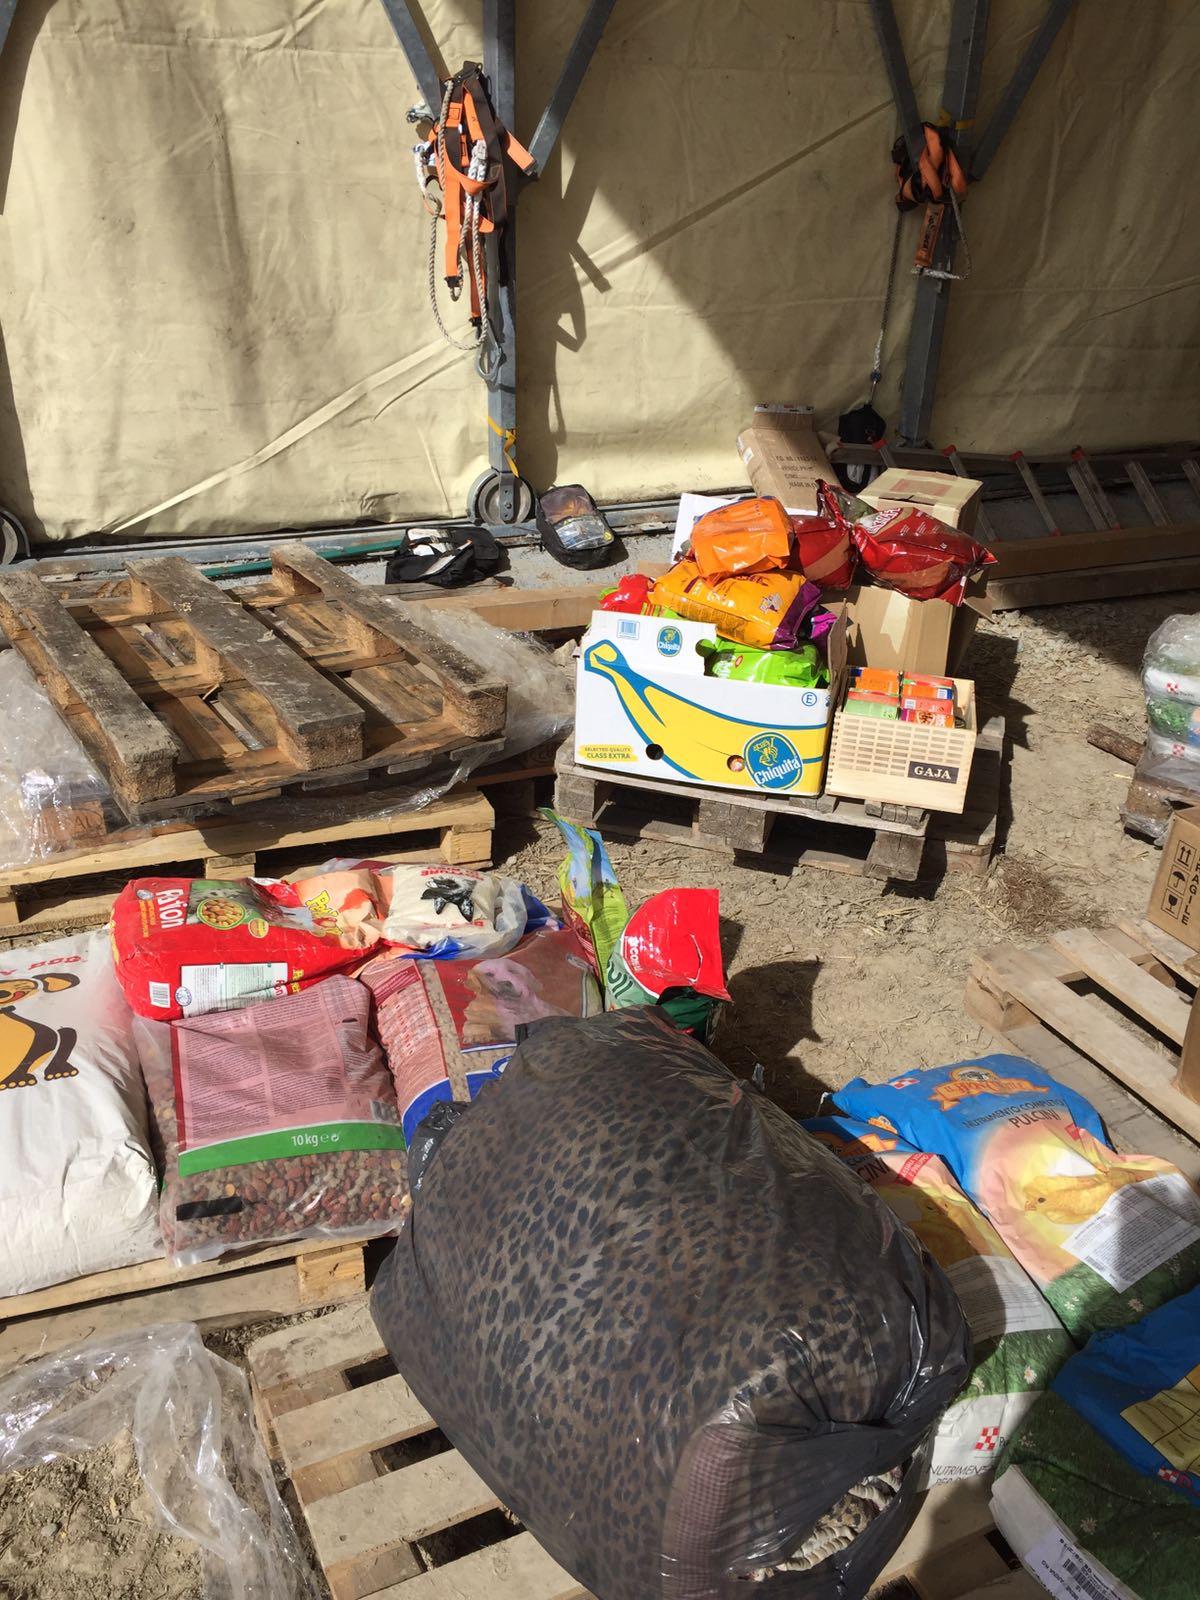 Arrivato a destinazione il materiale raccolto a Siena per gli animali delle zone terremotate